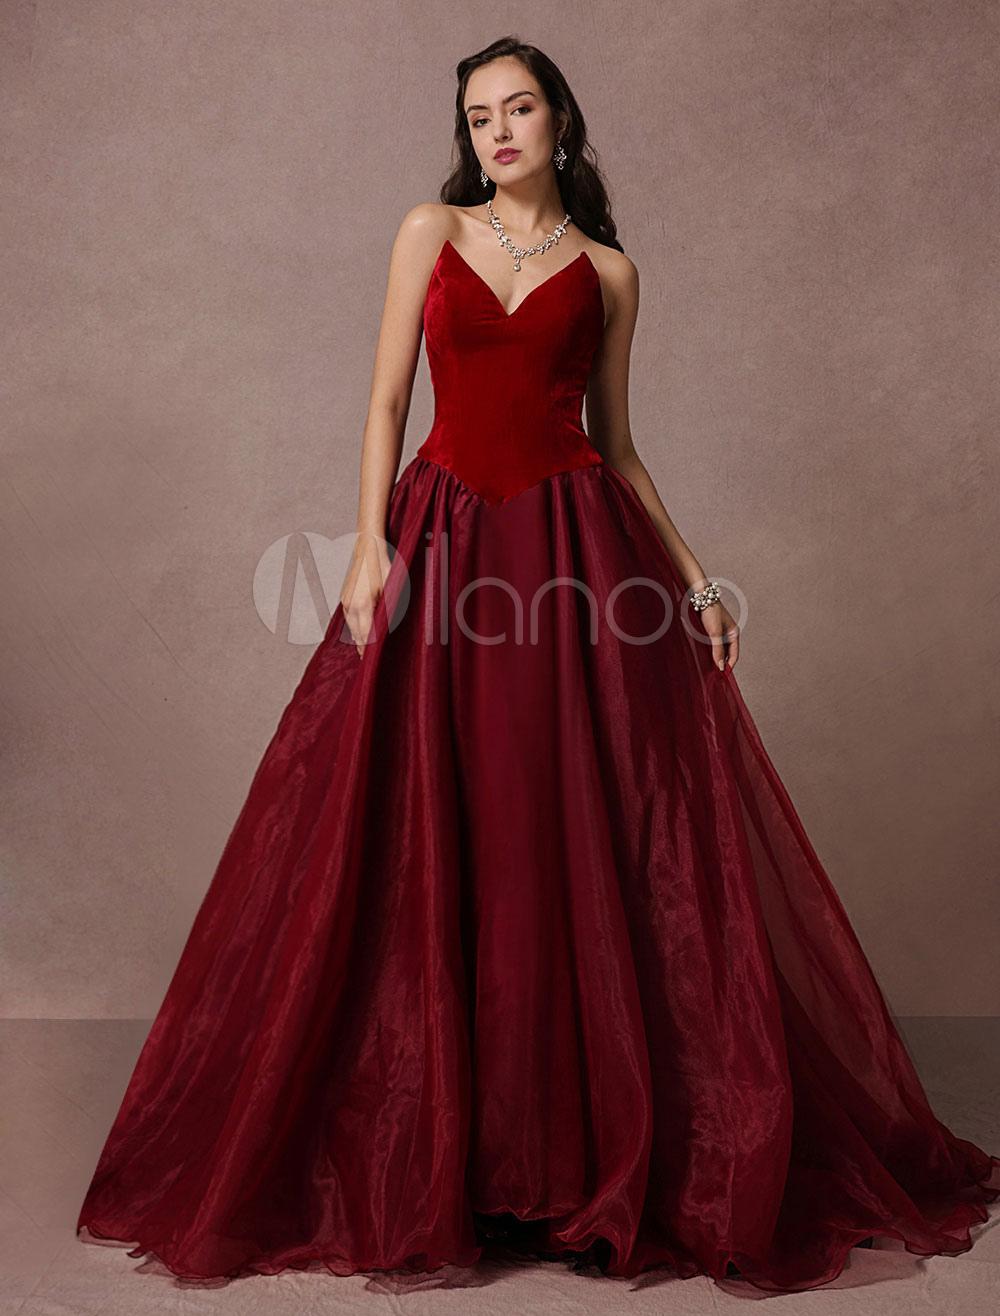 abendkleider v-ausschnitt hochzeit a-linie- günstige abendkleider organza  formelle kleider ärmellos burgunderrot mit court-schleppe